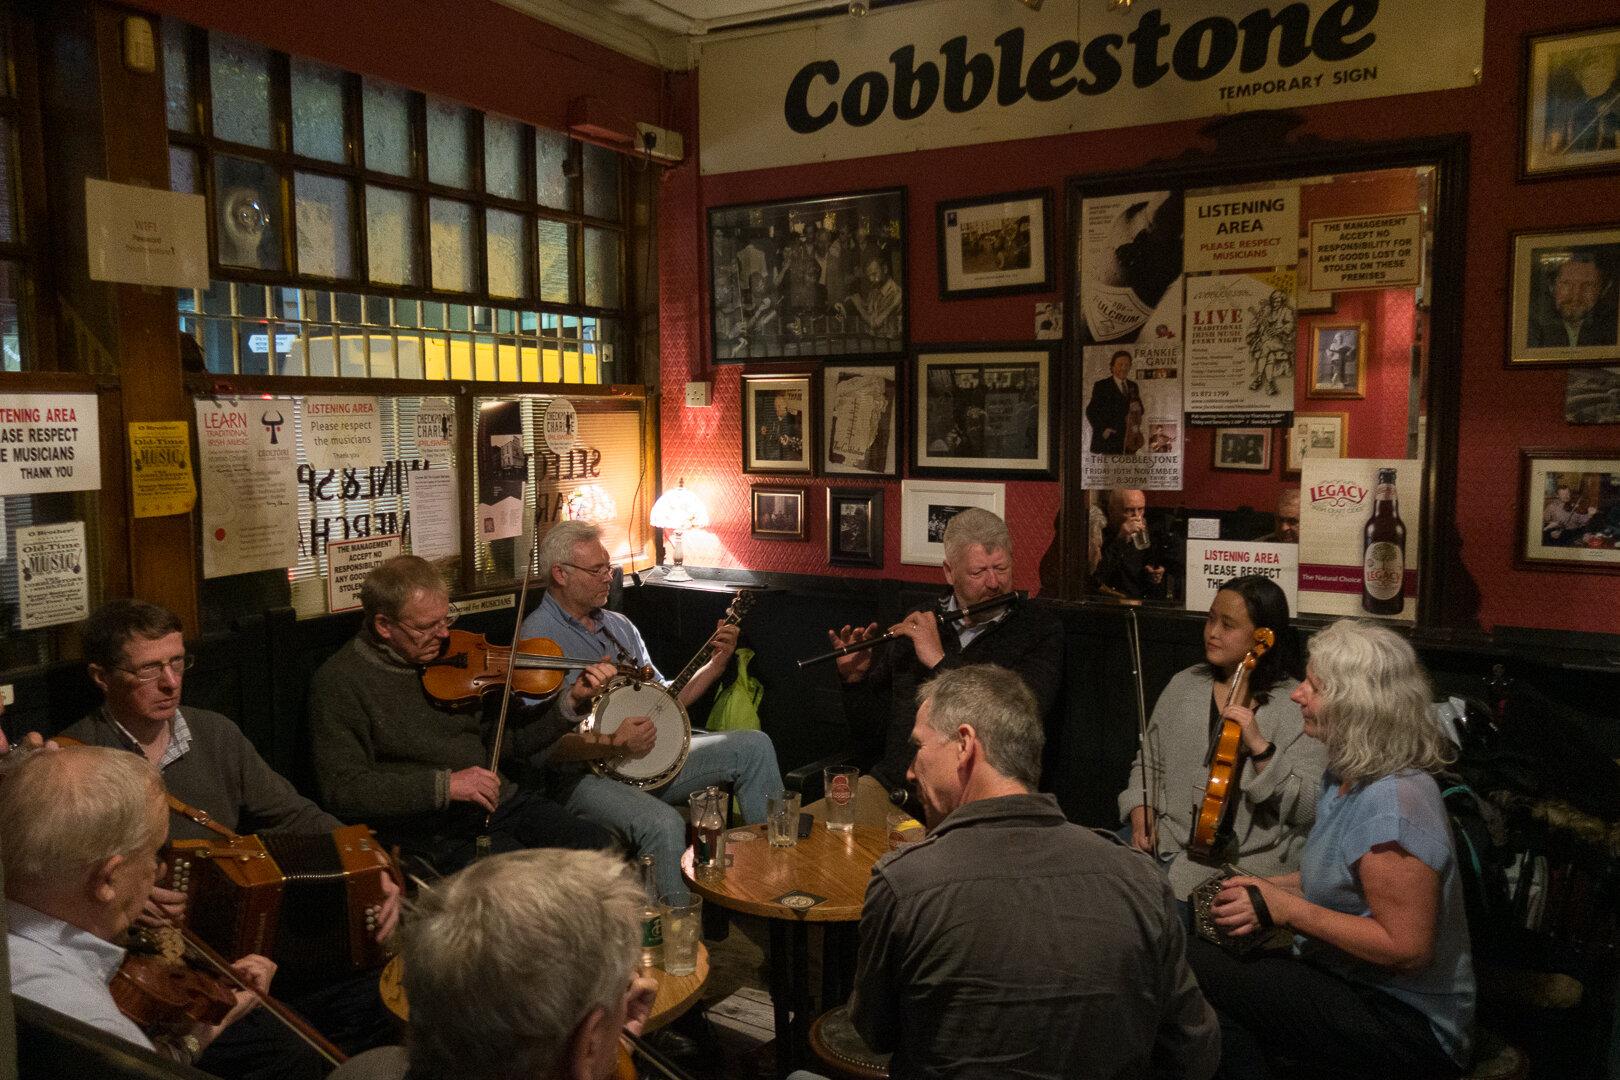 Pub Cobblestone